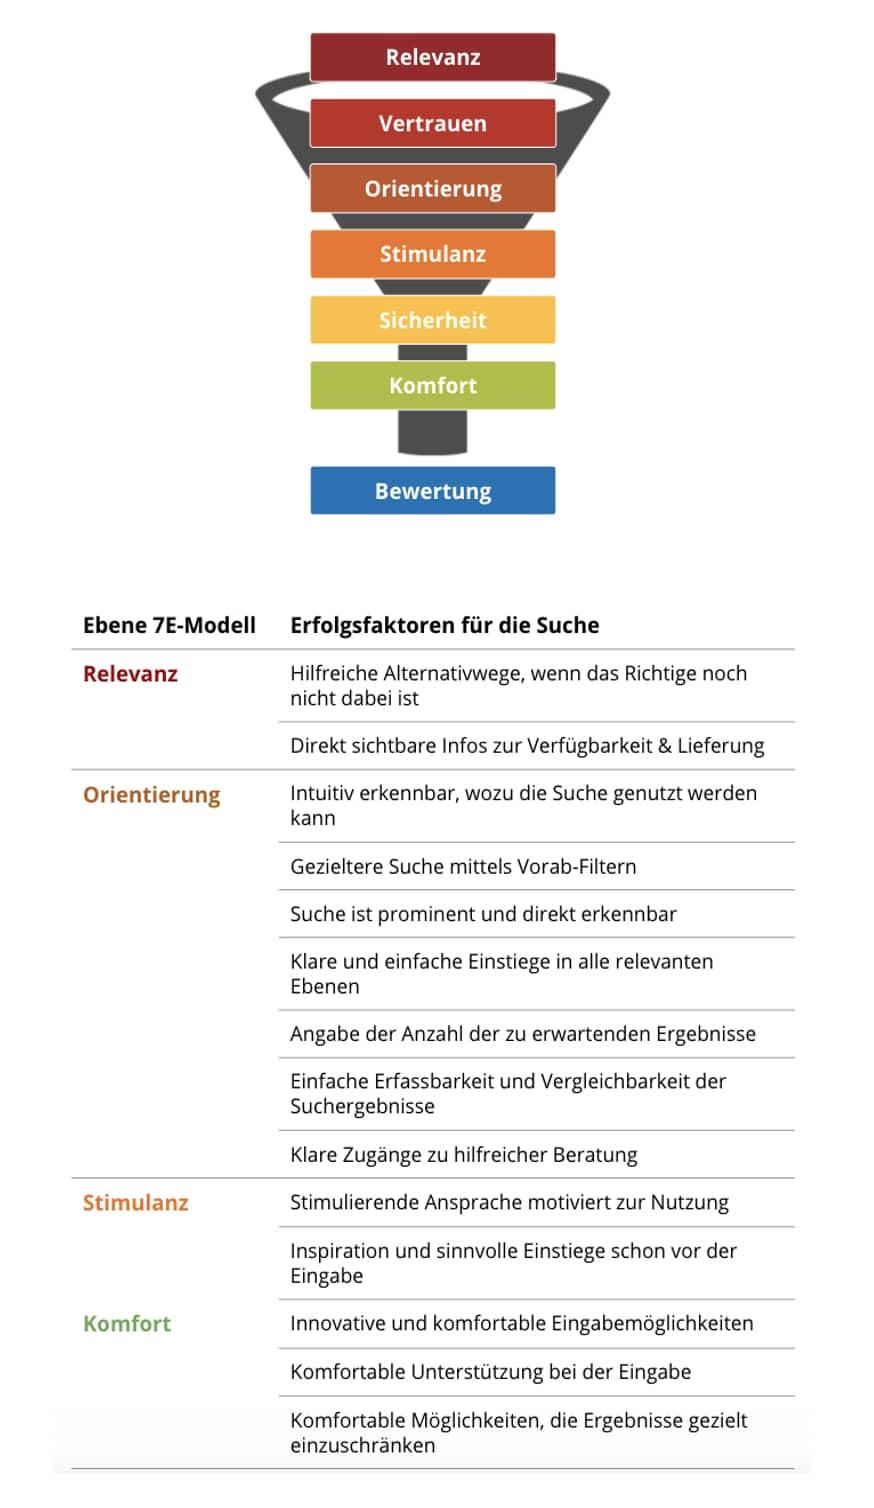 Das 7-Ebenen-Modell zeigt Tipps für bessere User Experience von Suchfunktionen, Suchmasken, Onsite-Suchen in Shops, Apps und auf Websites.